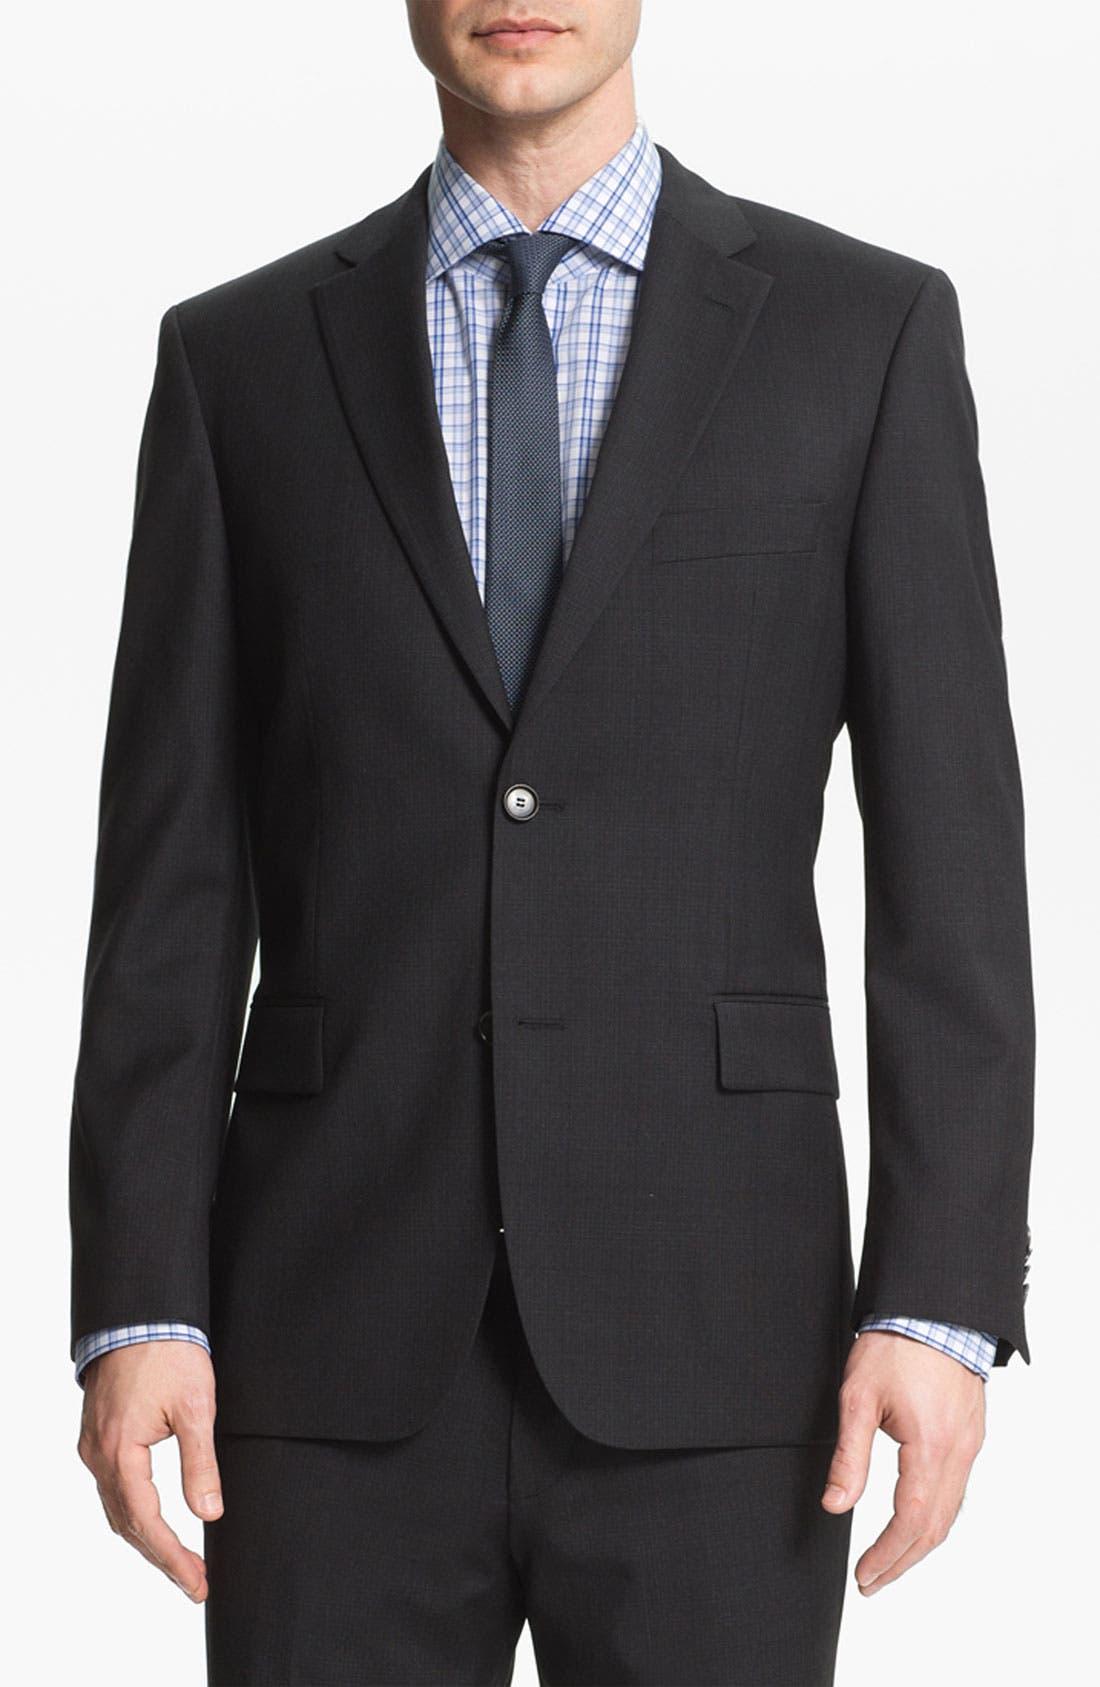 Alternate Image 1 Selected - BOSS Black 'Pasini/Movie' Plaid Wool Suit